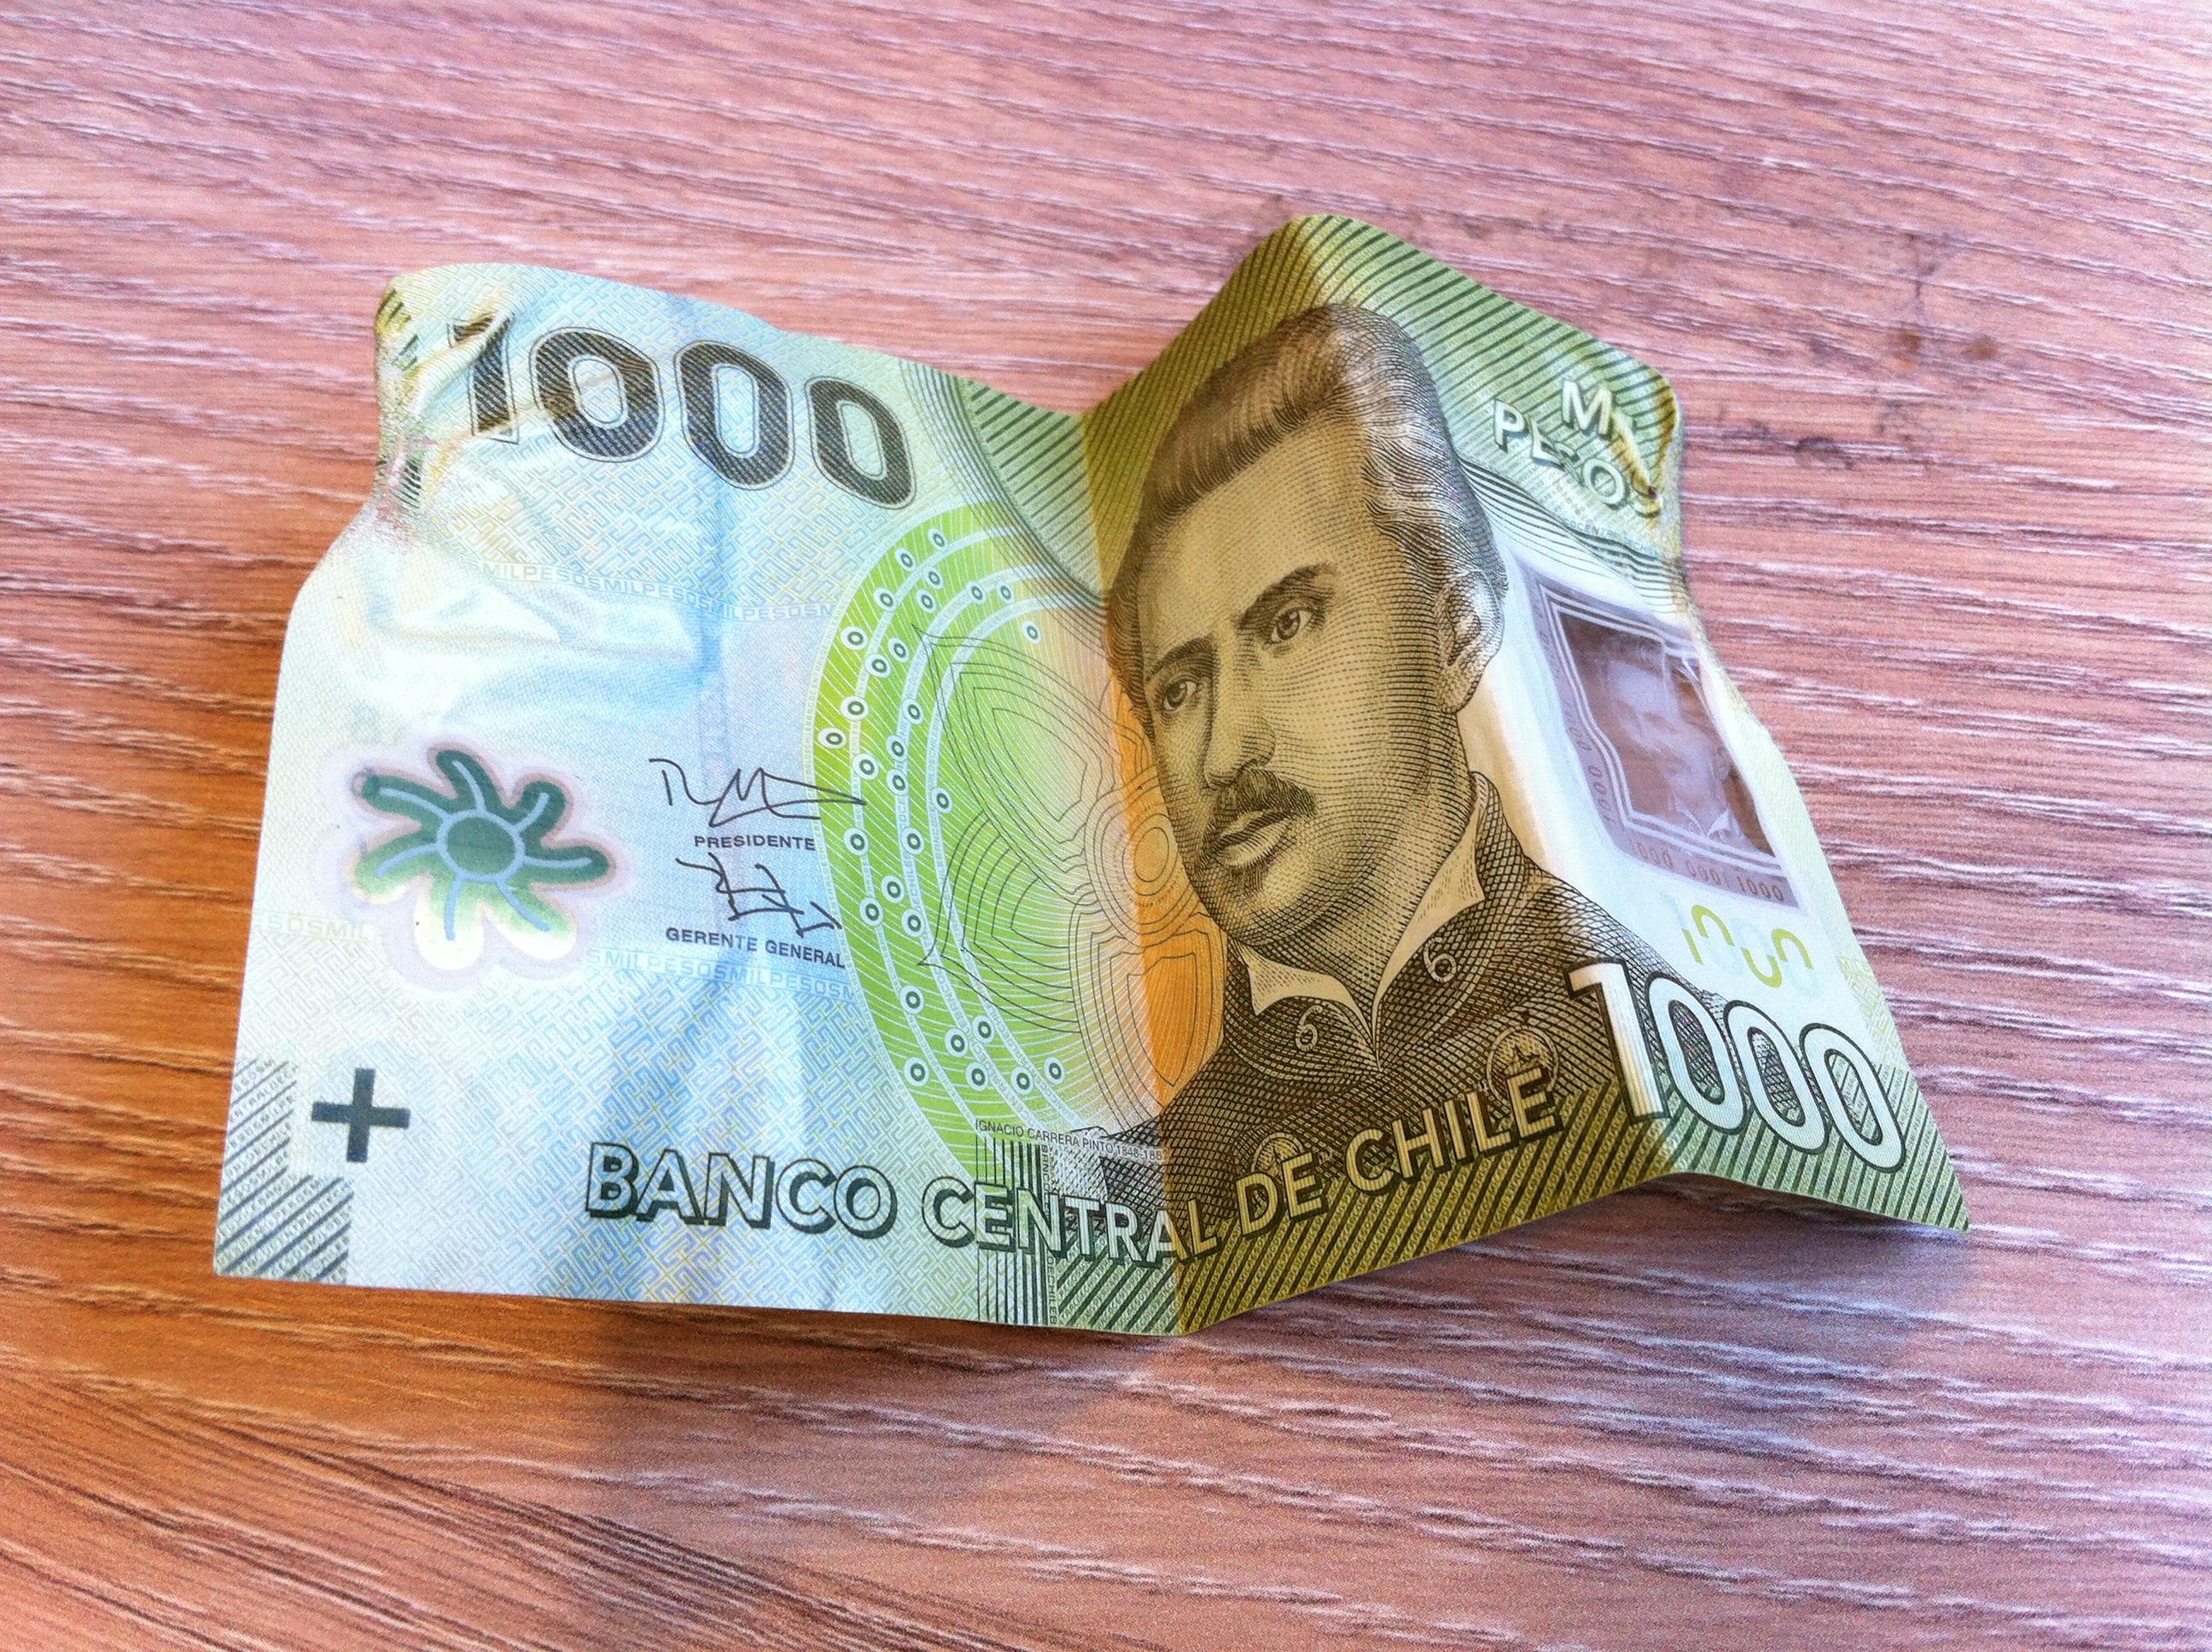 Cuidado si te dan billetes en este estado: no te los cambiarán en el banco